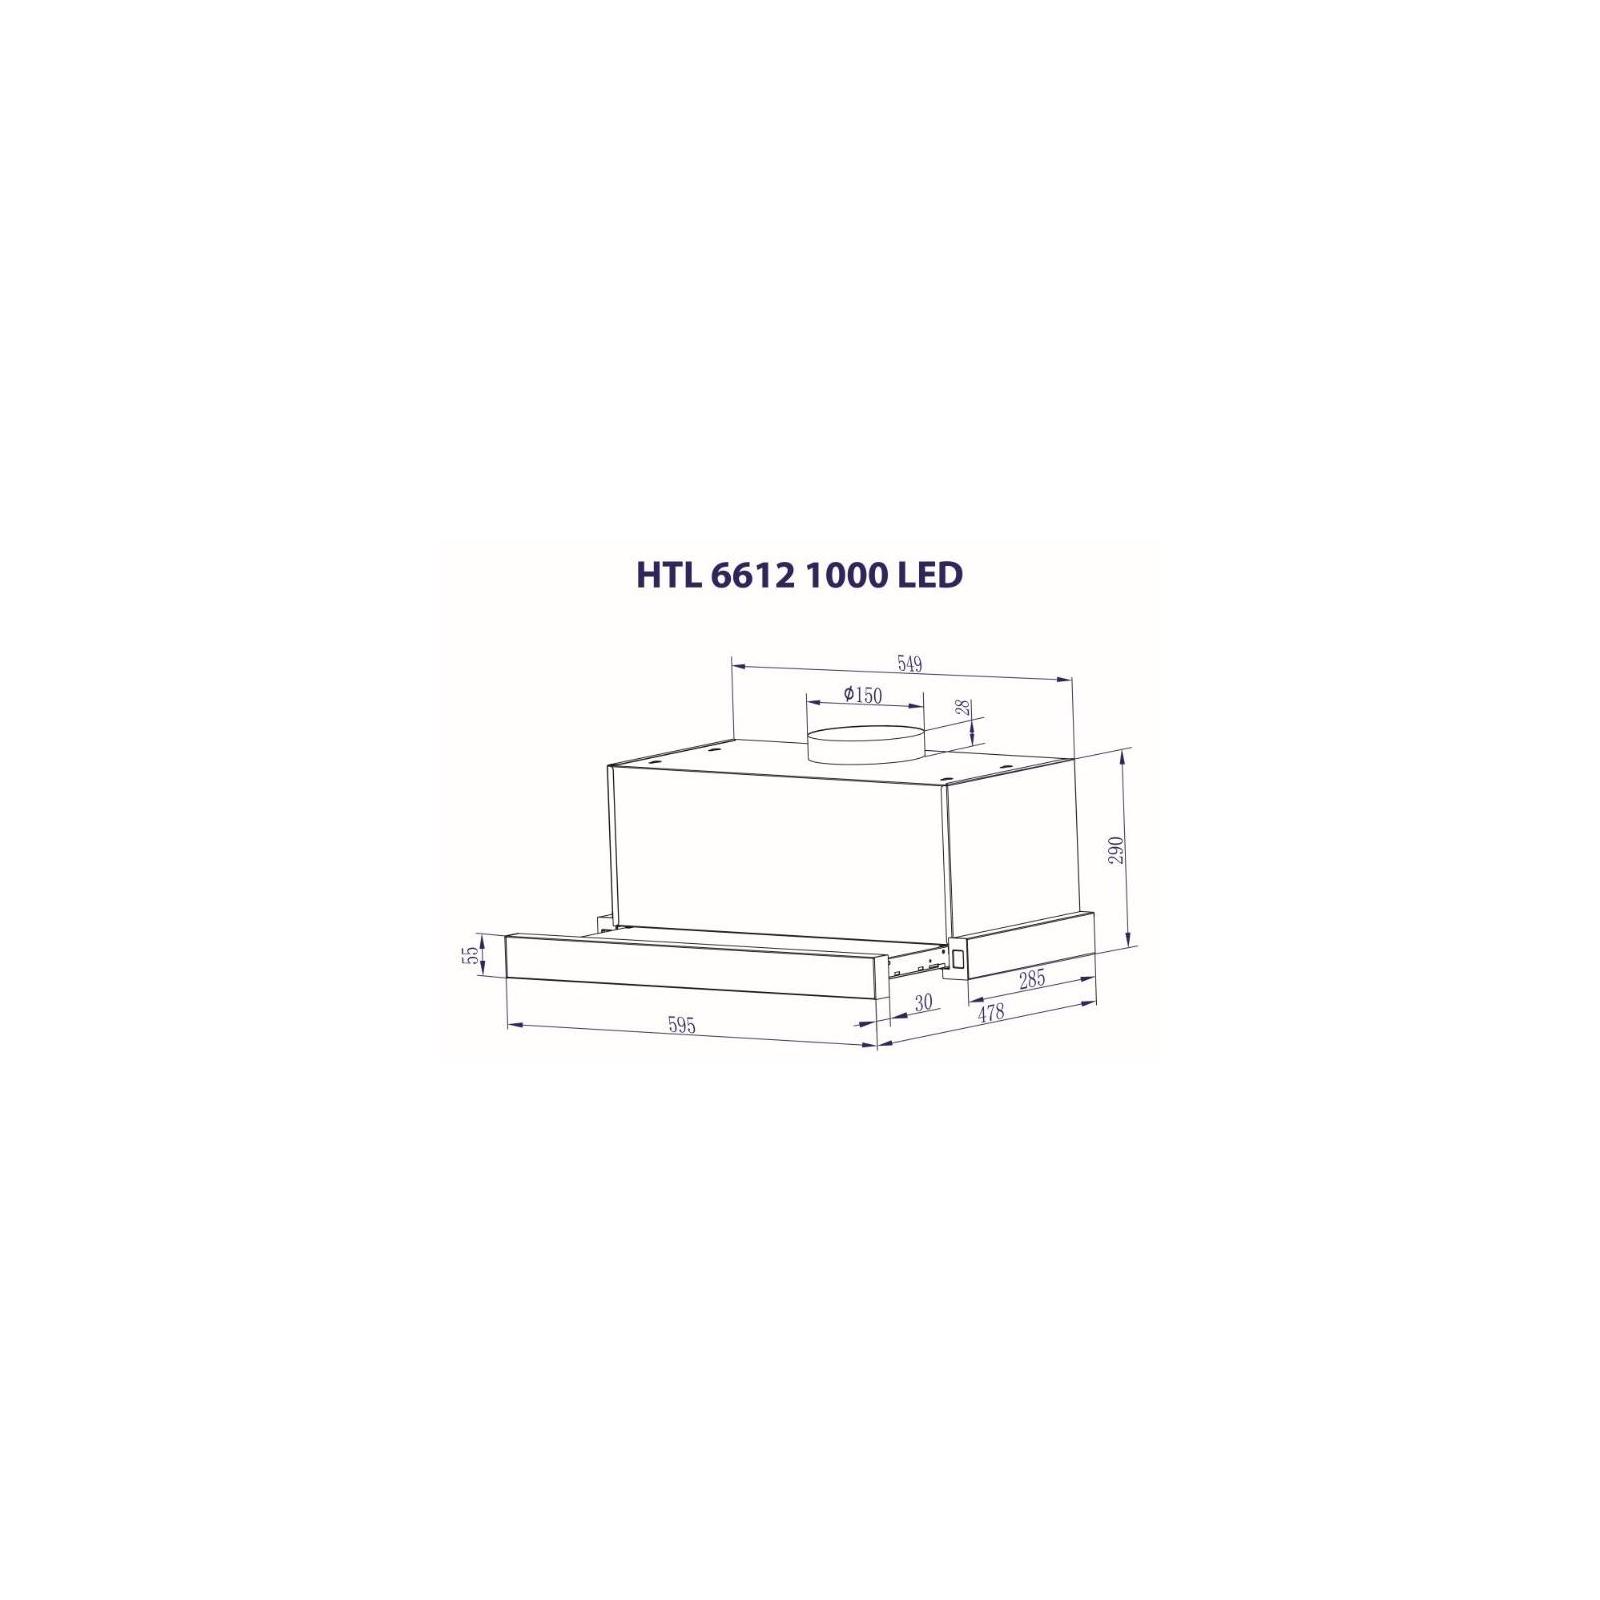 Вытяжка кухонная MINOLA HTL 6612 BL 1000 LED изображение 9